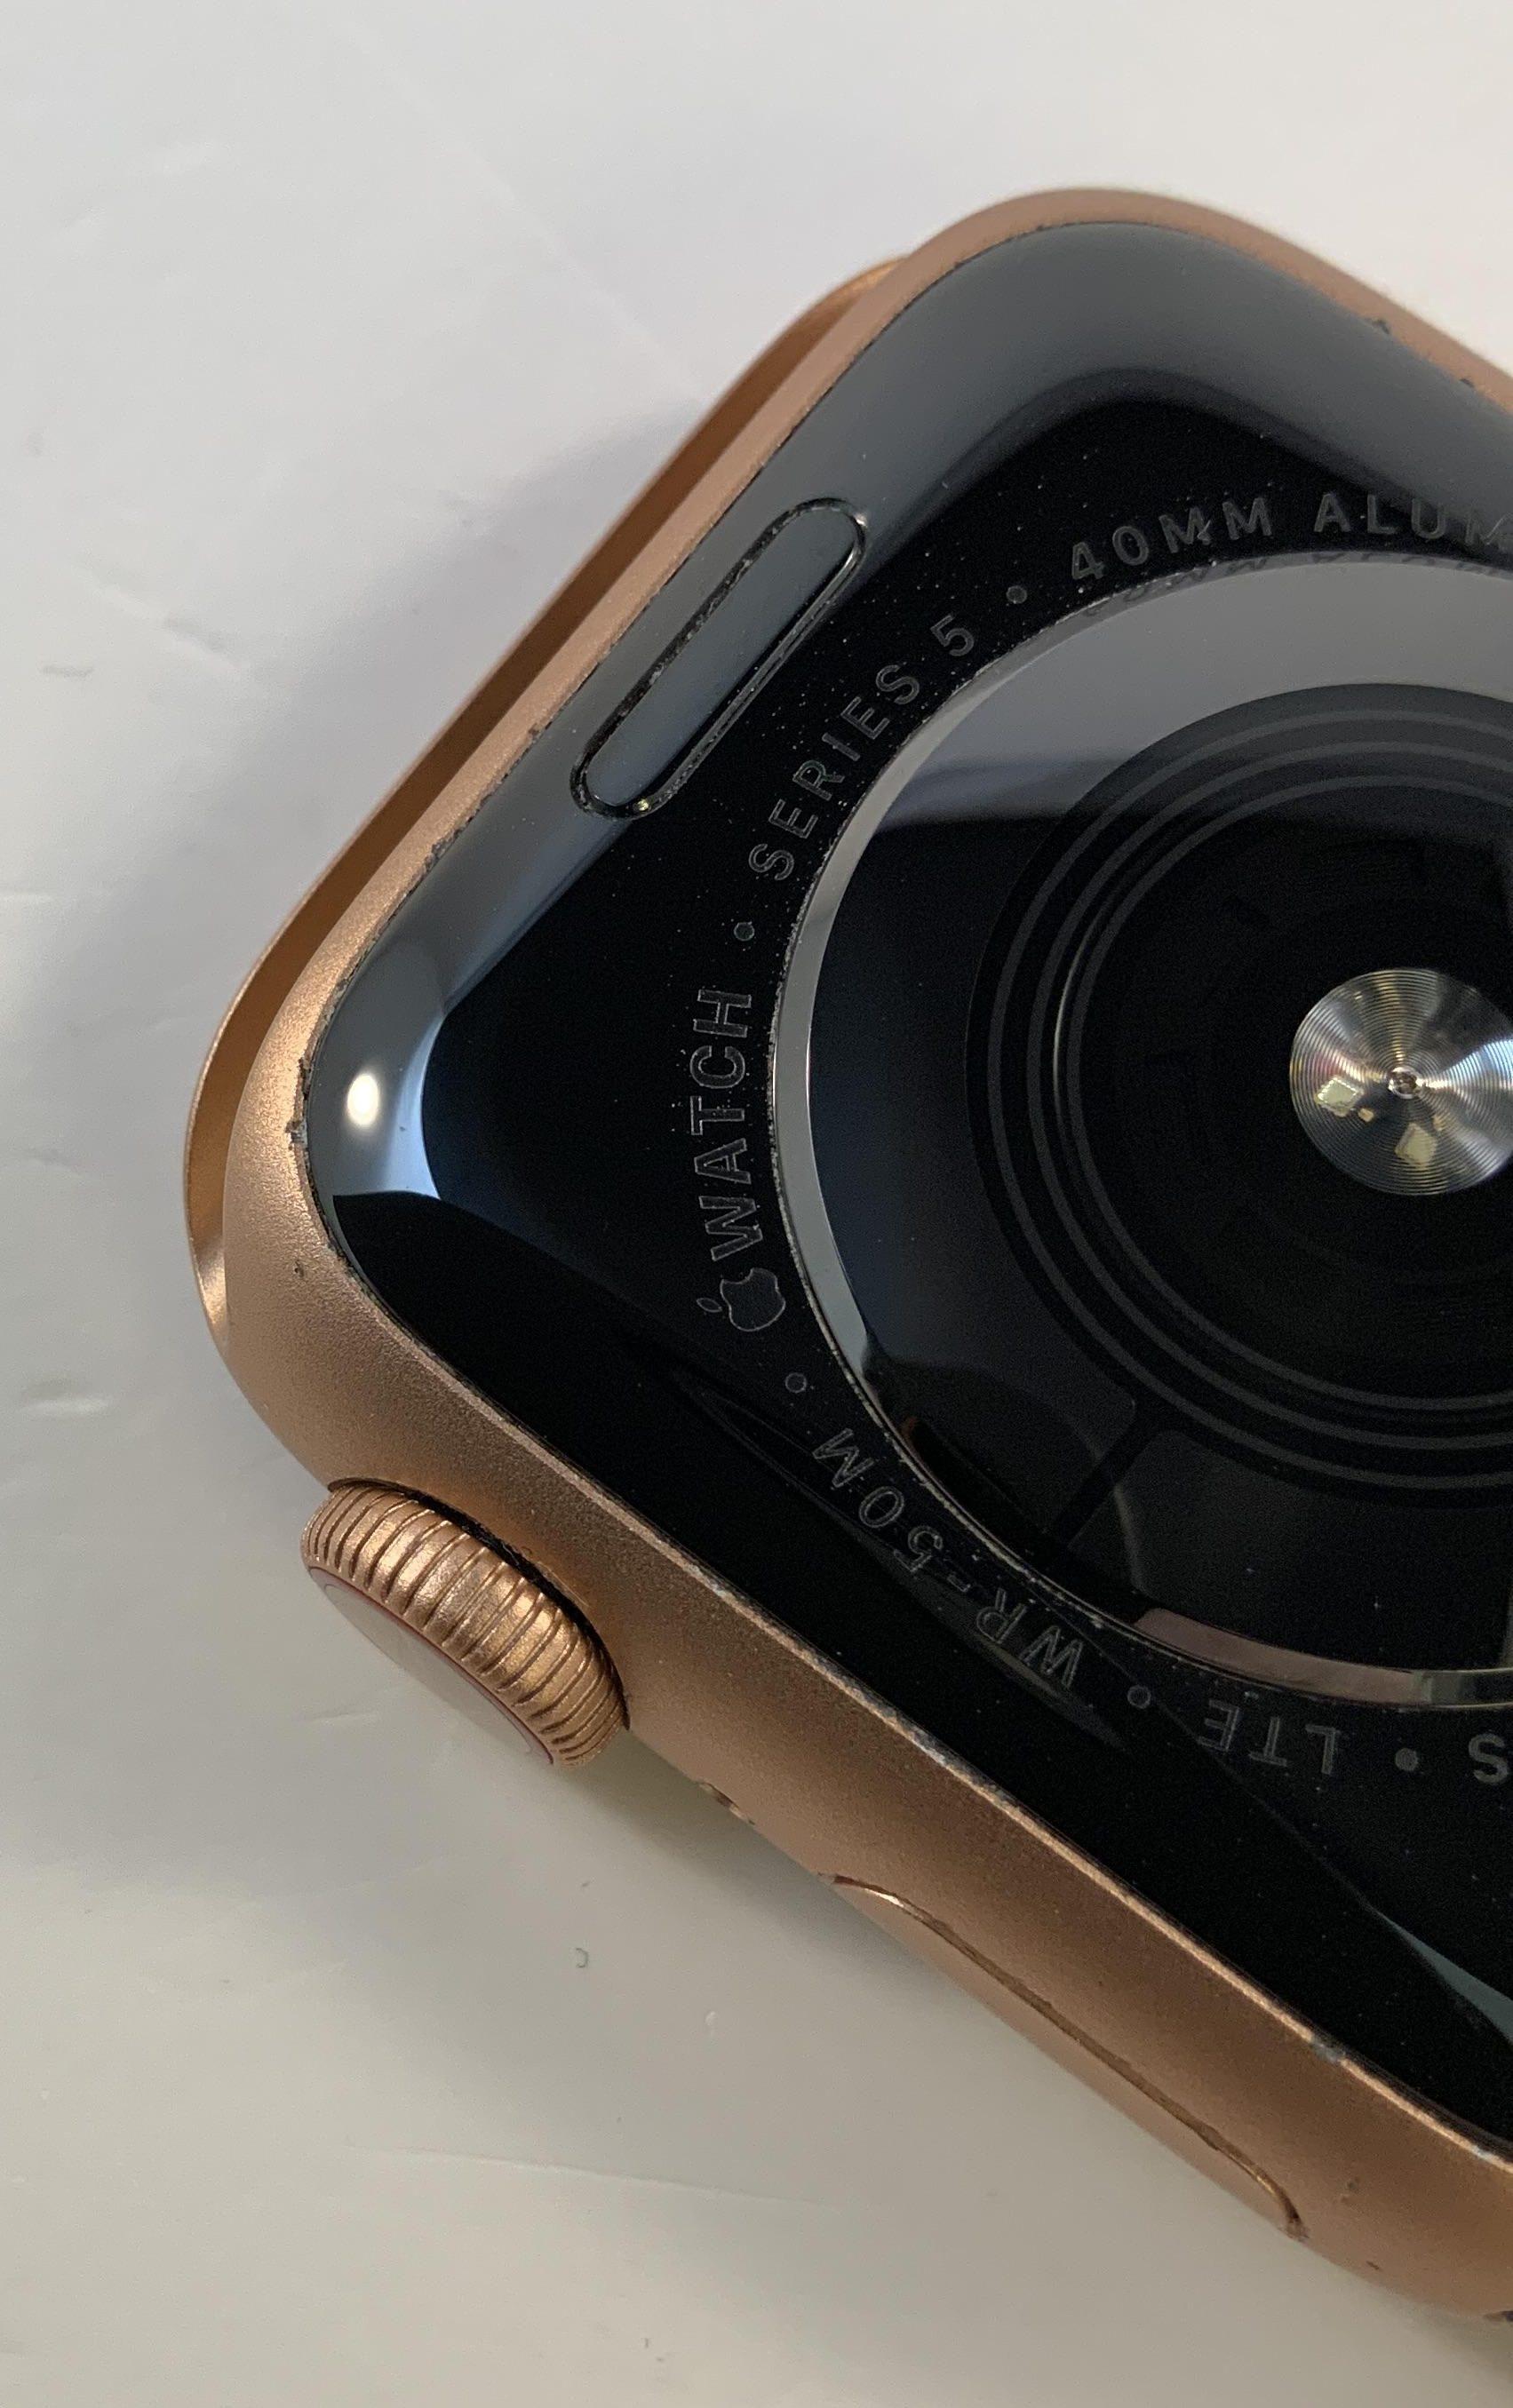 Watch Series 5 Aluminum Cellular (40mm), Gold, bild 4